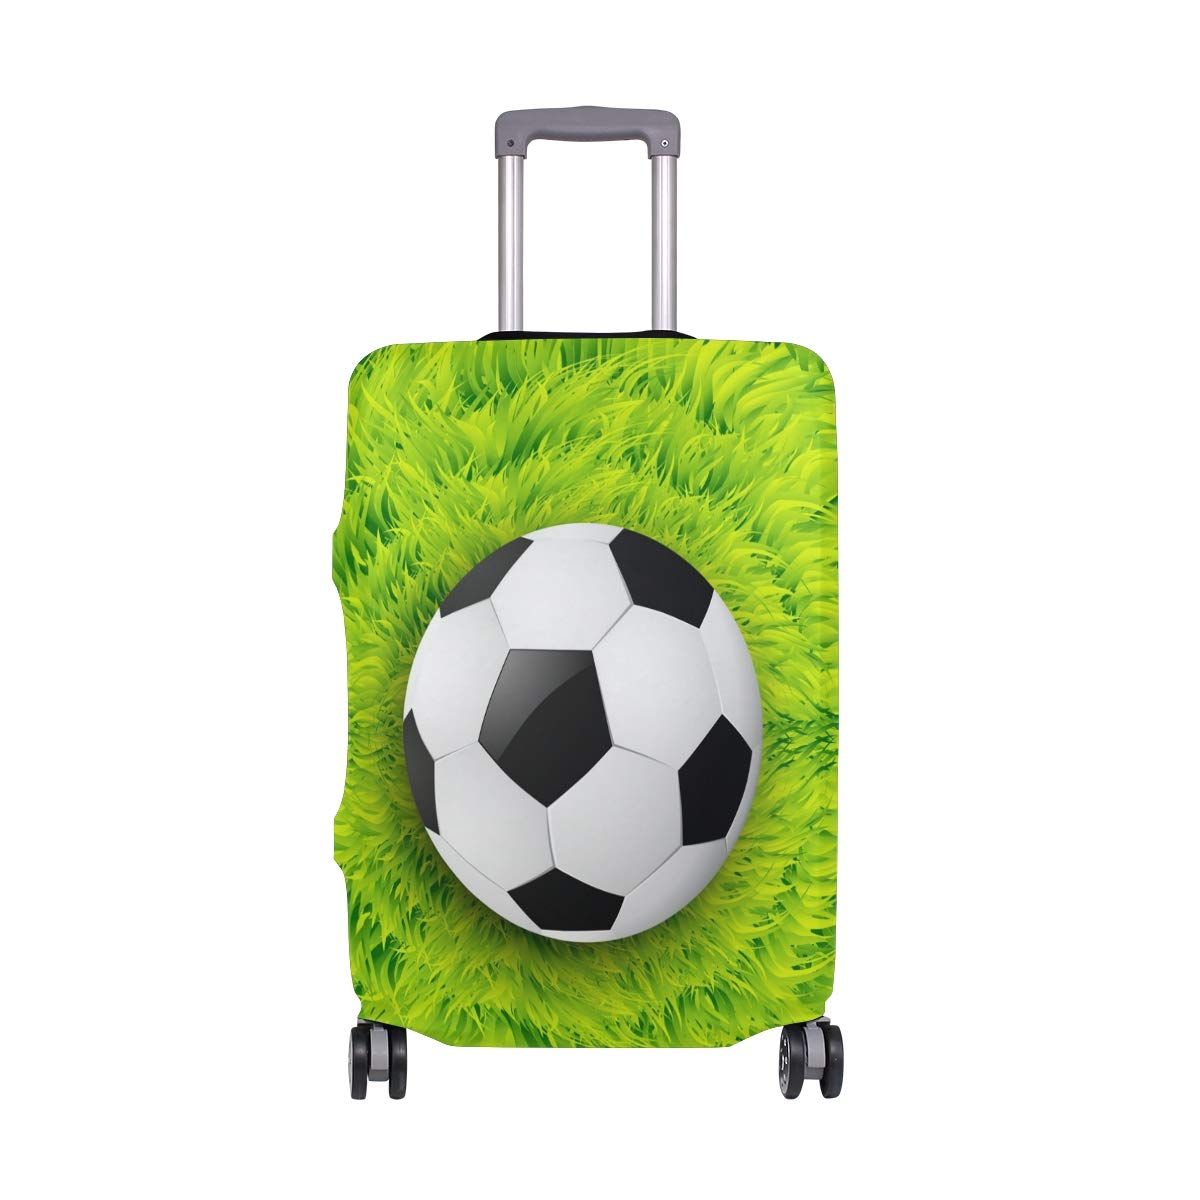 ALINLO - Funda Protectora para Equipaje de balón de fútbol, para ...